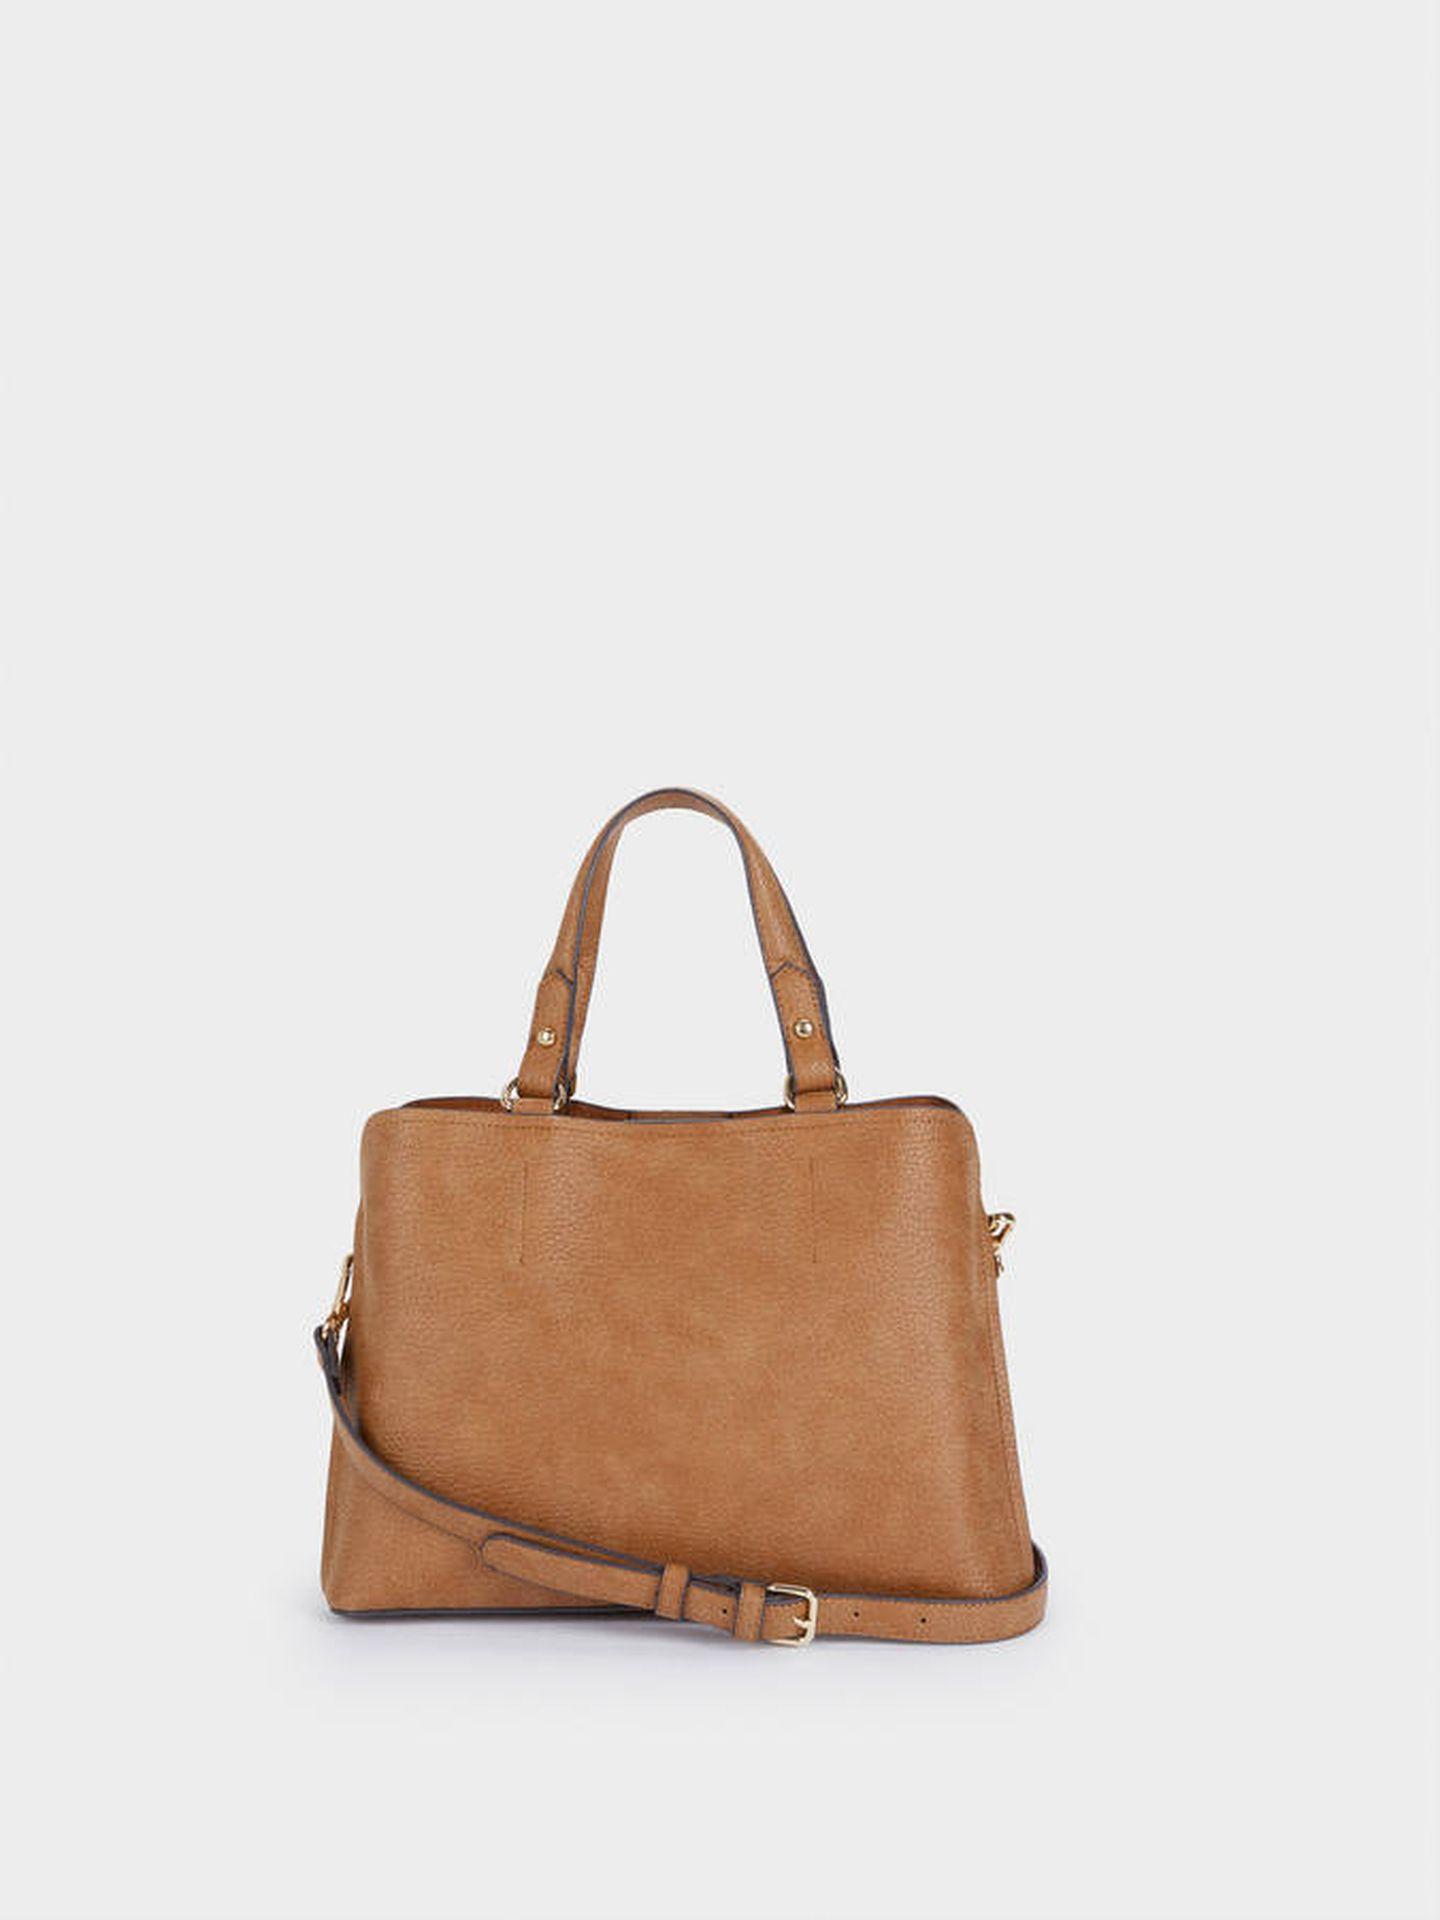 El nuevo bolso tote de Parfois. (Cortesía)